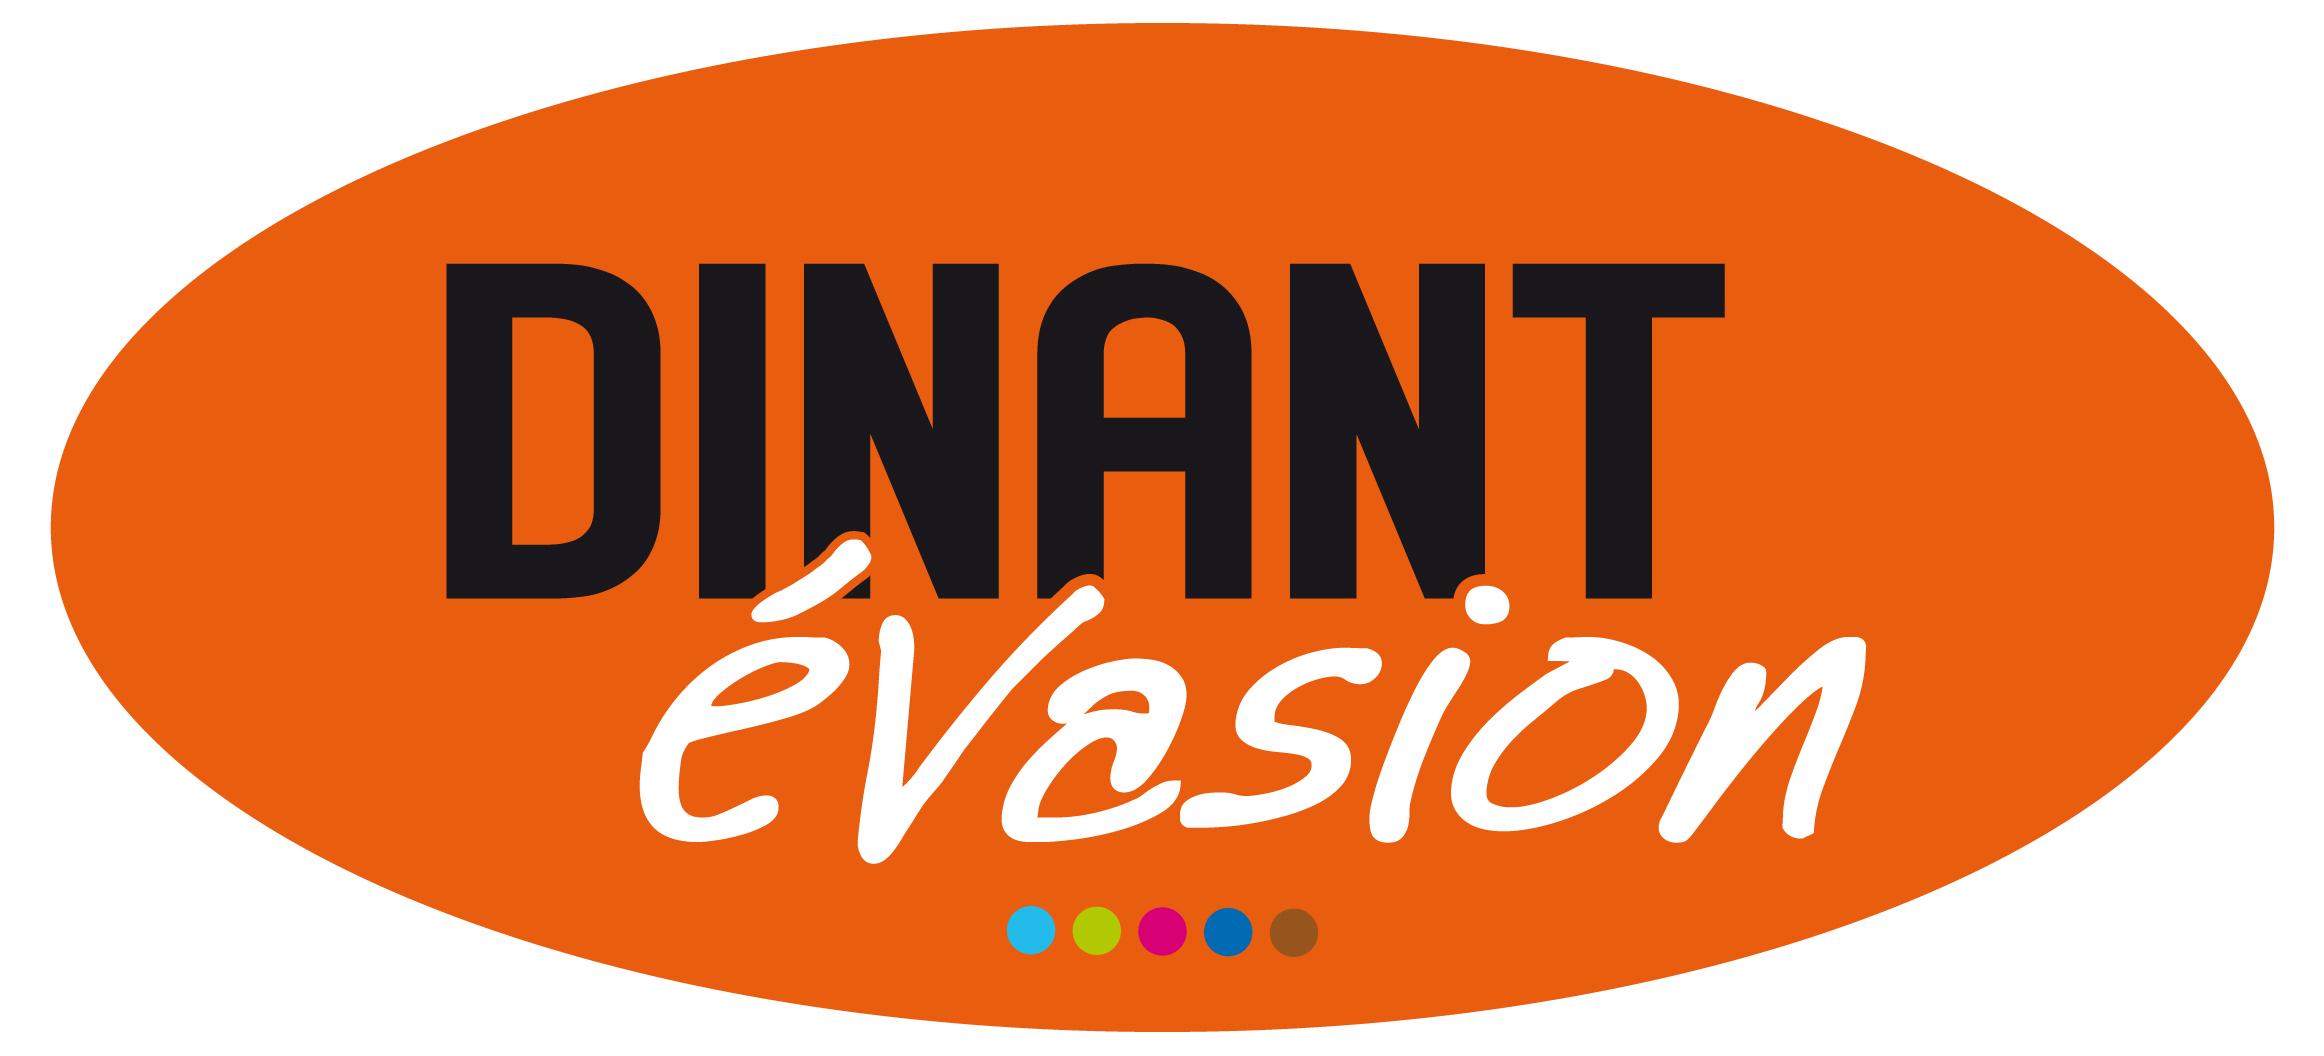 Dinant Evasion - Rondvaarten op de Maas